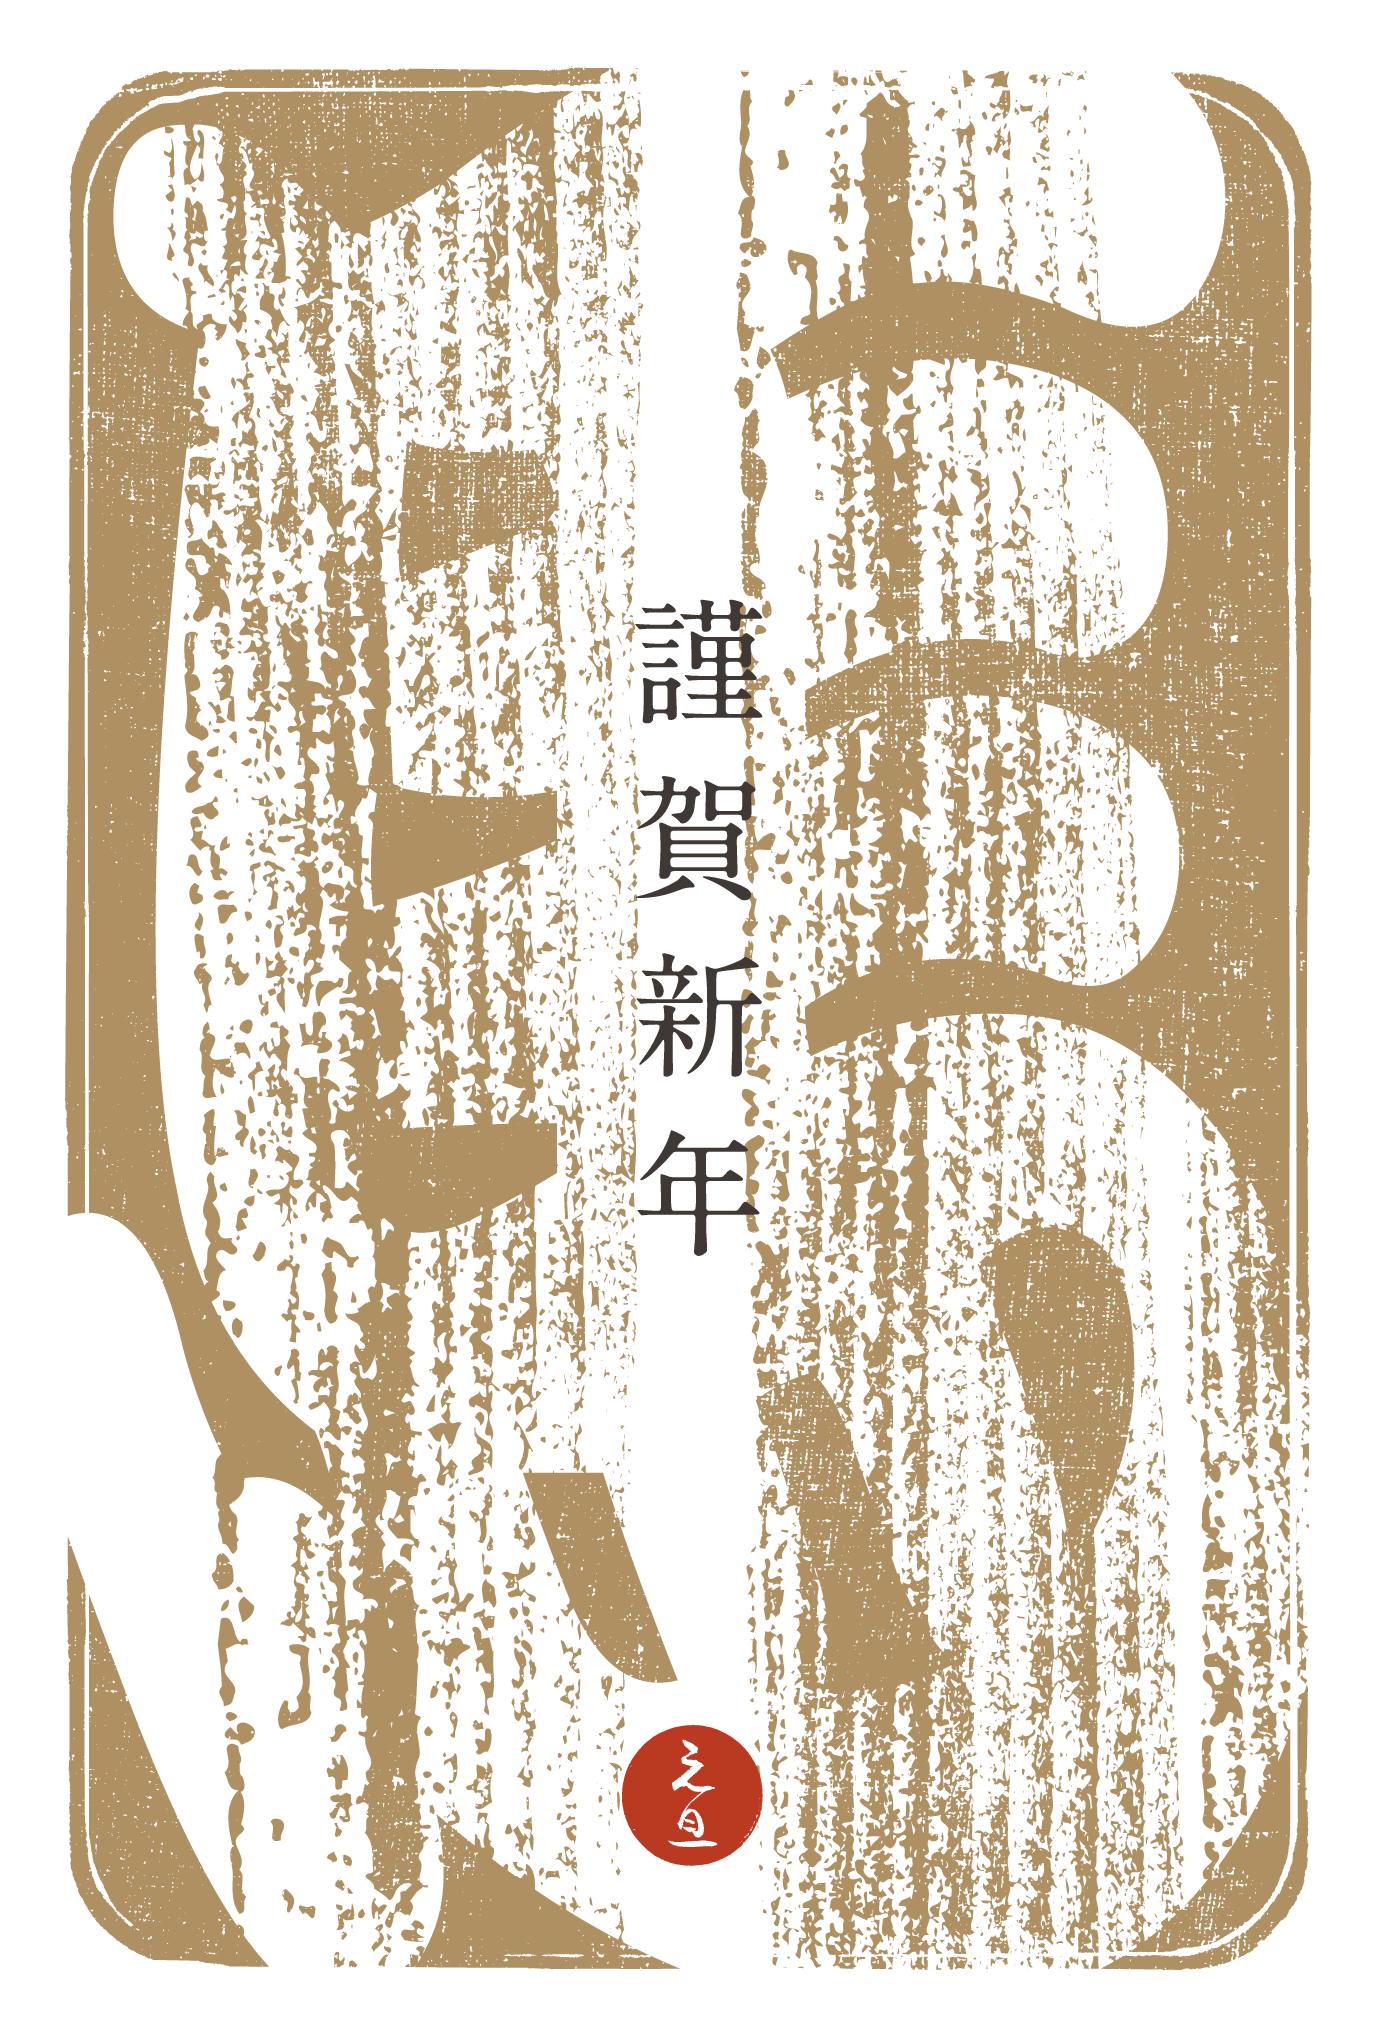 2014年賀状04-2:江戸勘亭流(馬)榛色のダウンロード画像